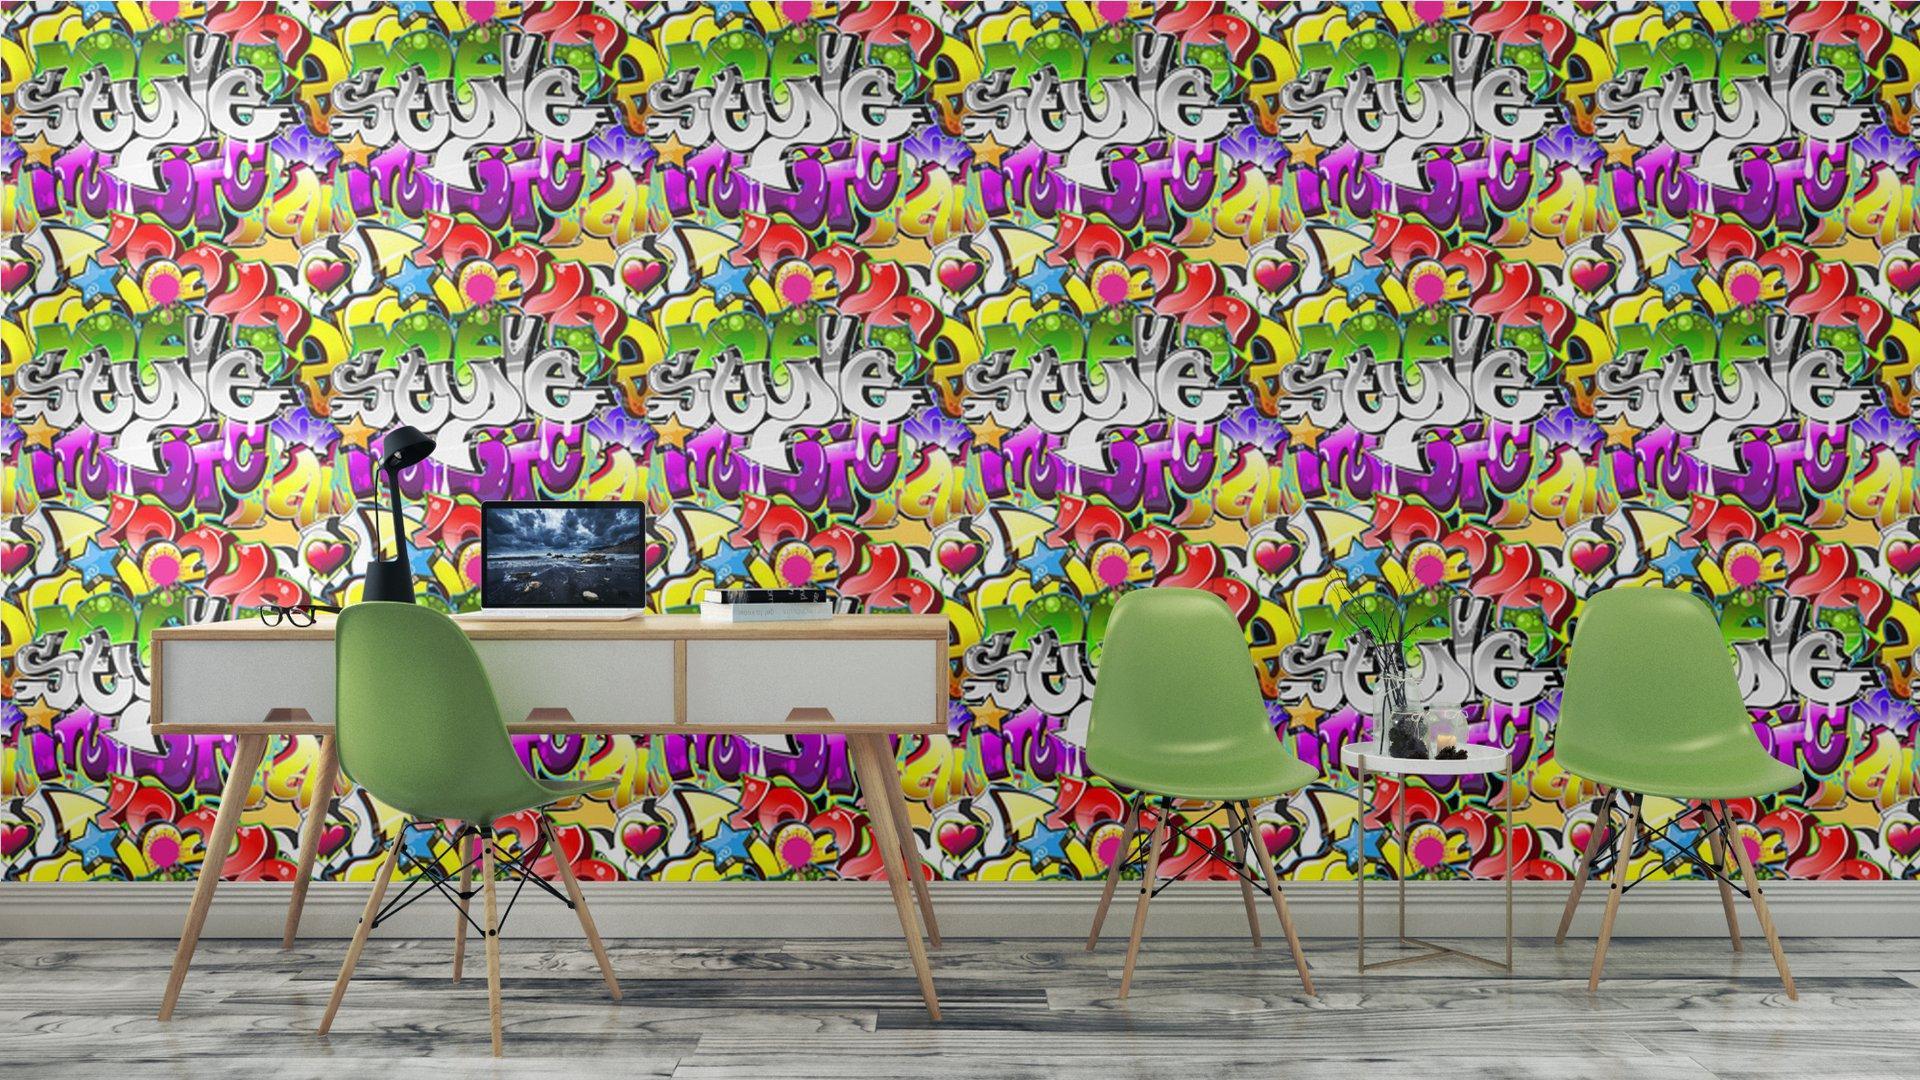 Fotomurales mexico papeles pintados graffiti urbano tecnica diseno sin costuras 6 - Papel Tapiz Graffiti Urbano 01